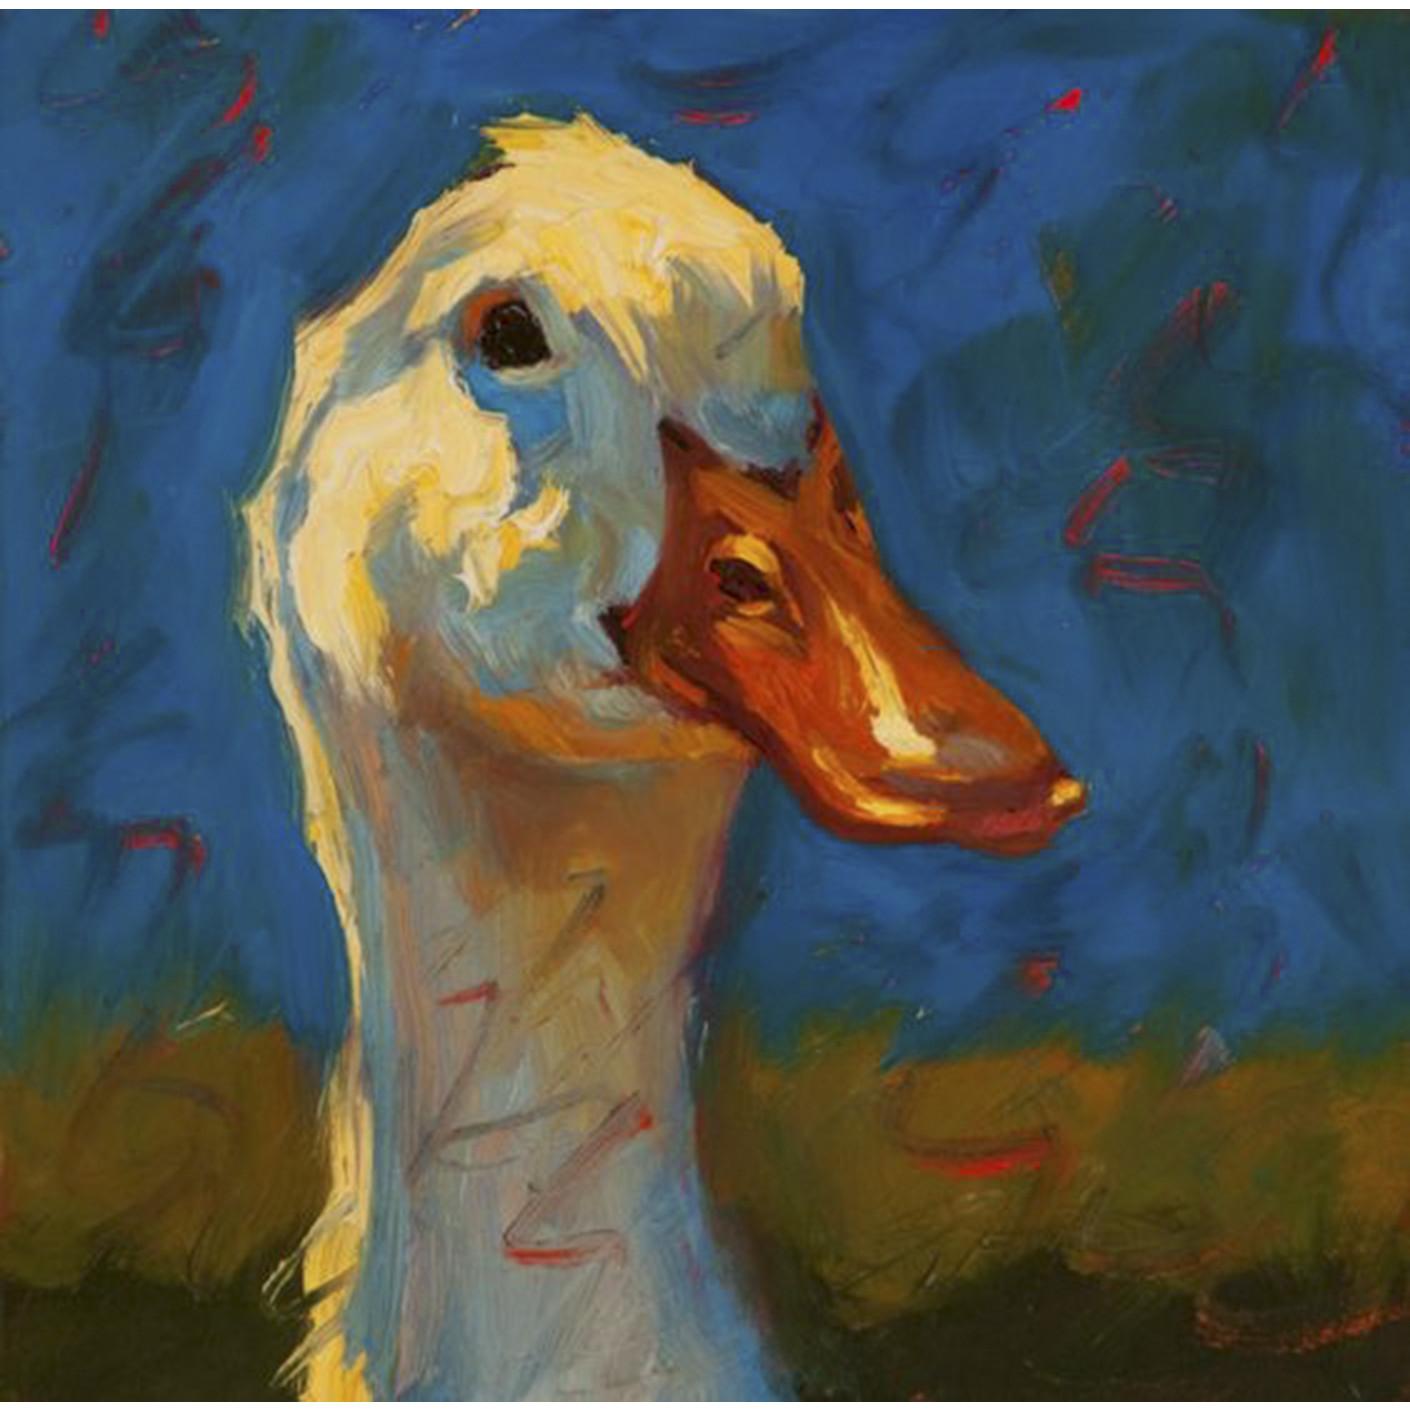 Tranh sơn dầu họa sỹ sáng tác vẽ tay: VỊT NẮNG (11)